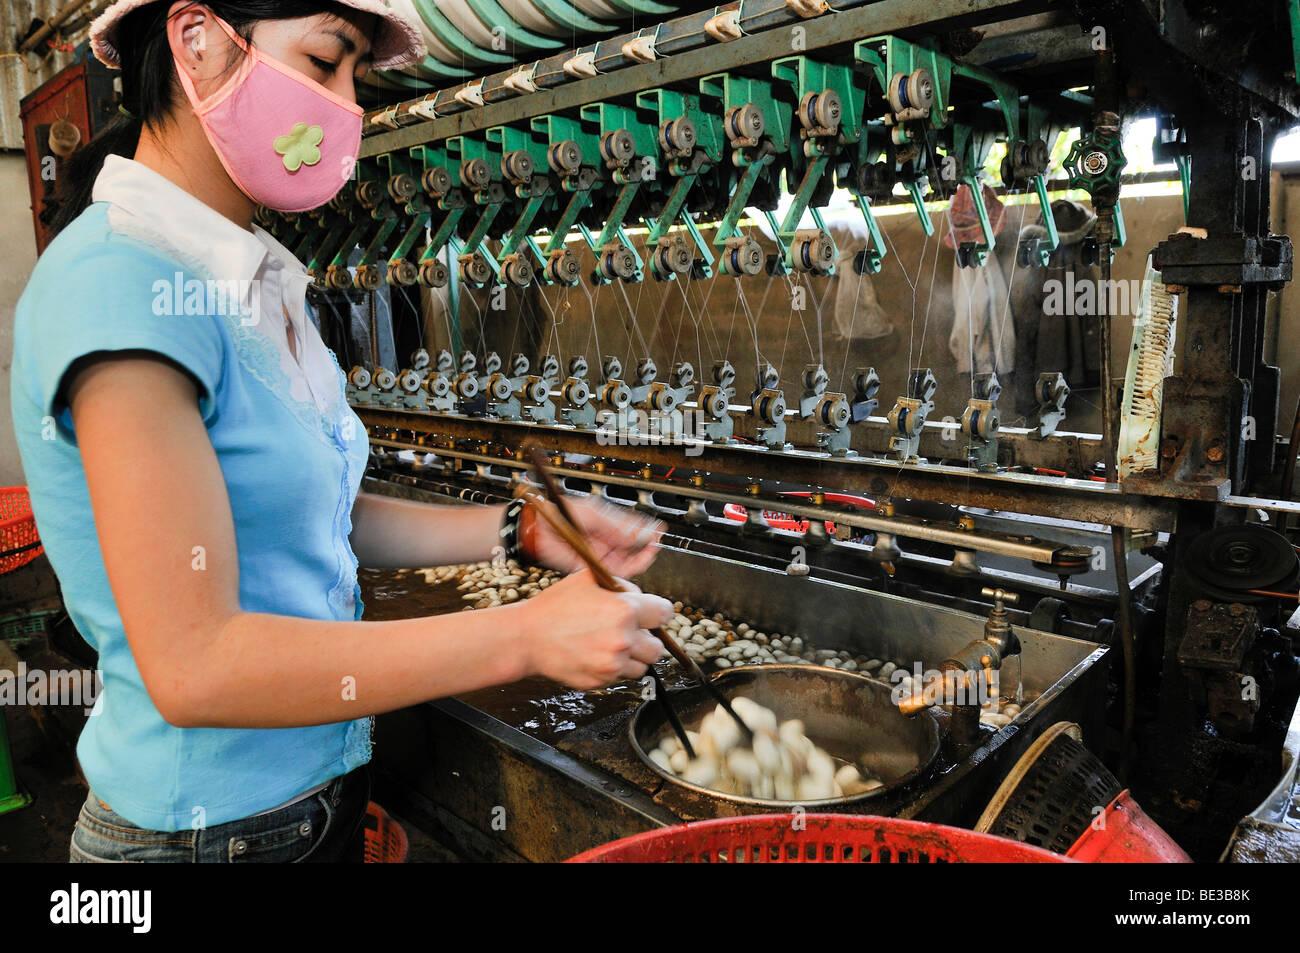 Donna con la maschera per il viso a lavorare in una fabbrica di seta bozzoli, floating in acqua, seta viene rimossa Immagini Stock